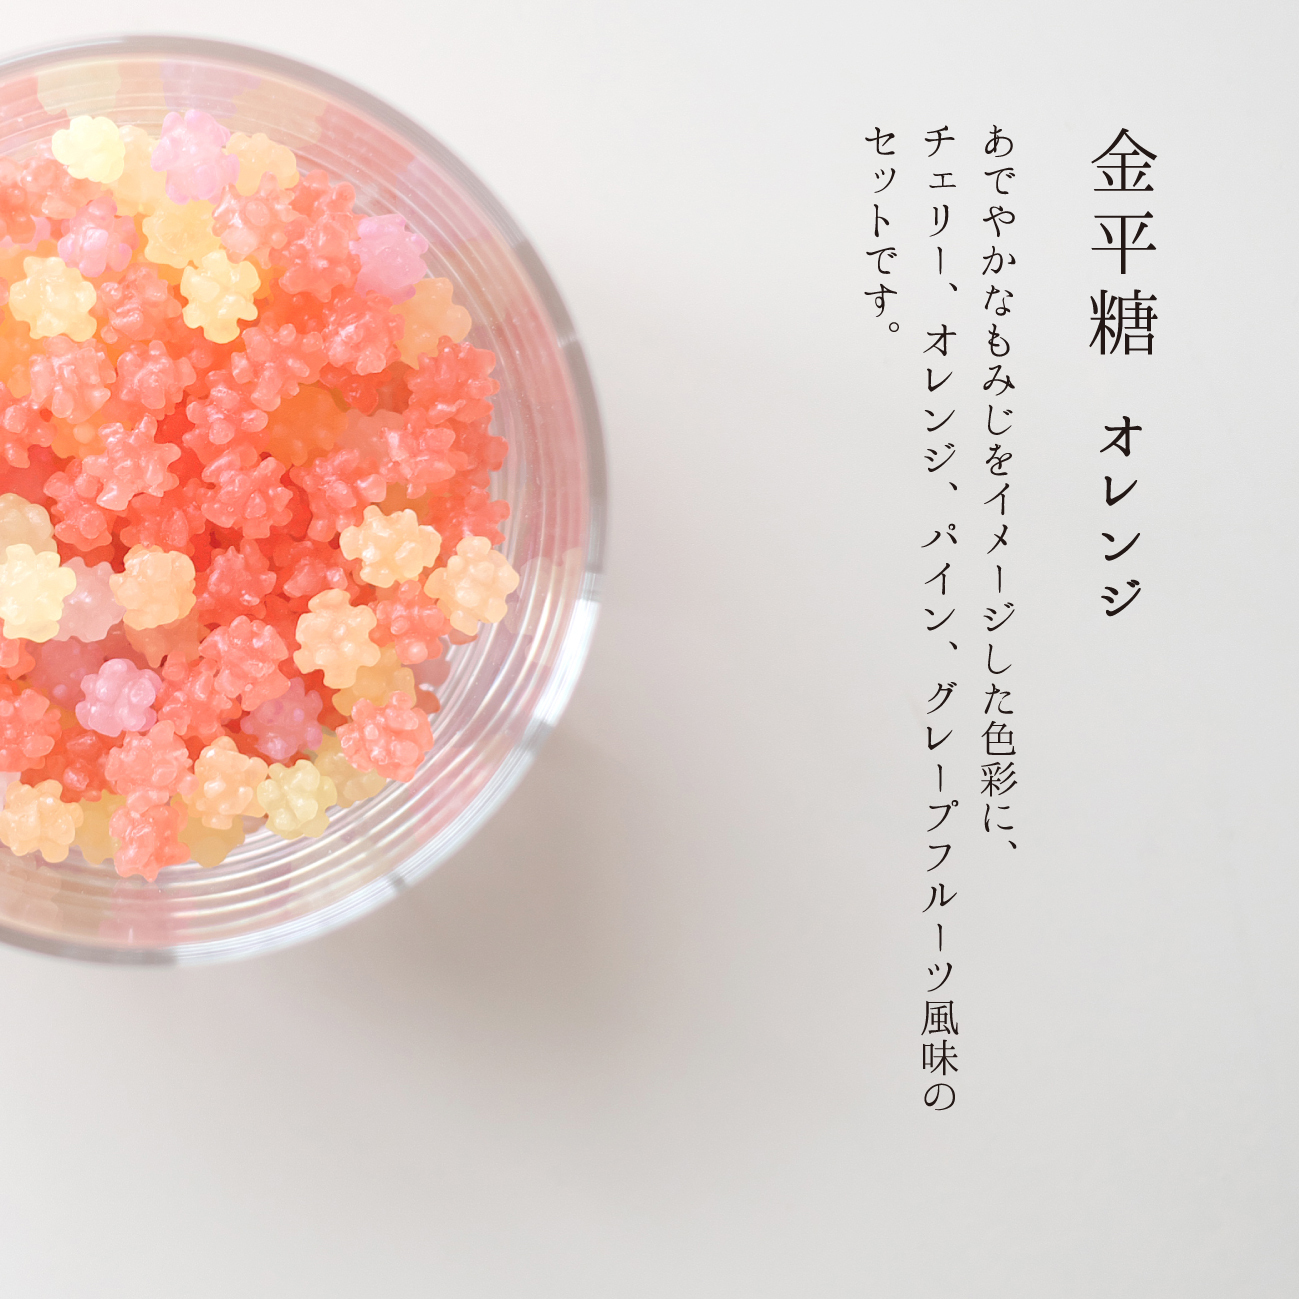 手摺型染め小箱 金平糖セット「節句シリーズ」